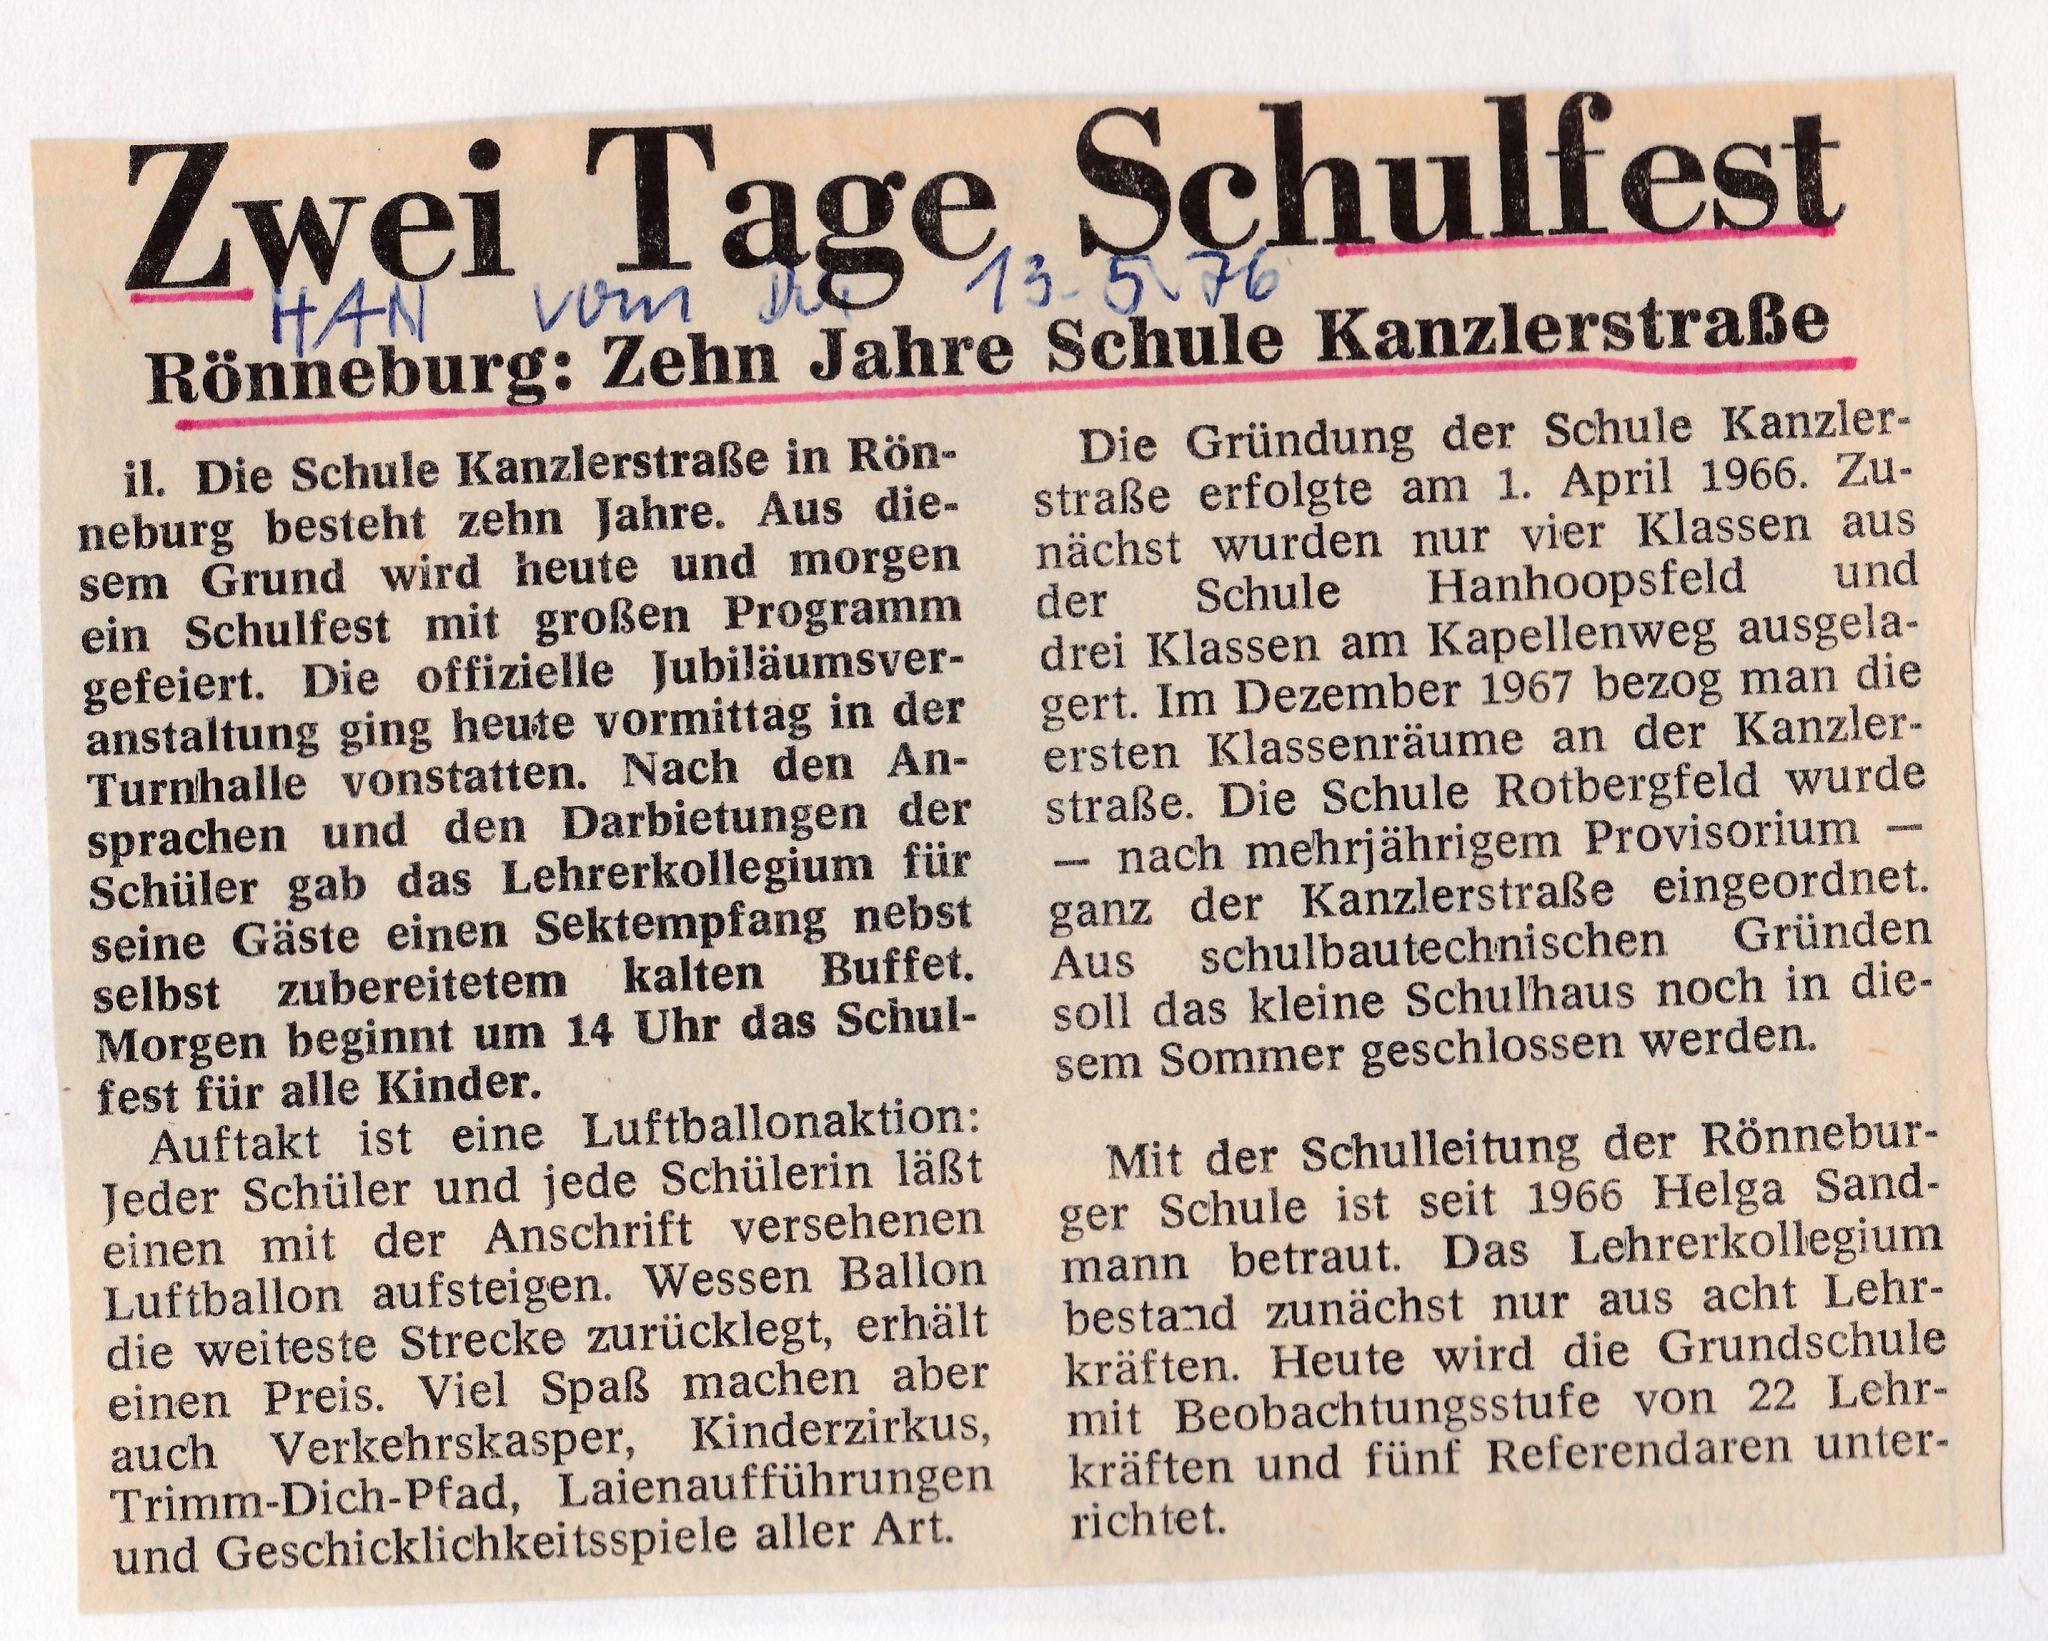 Zeitungsartikel zum 10-jährigen Jubiläum